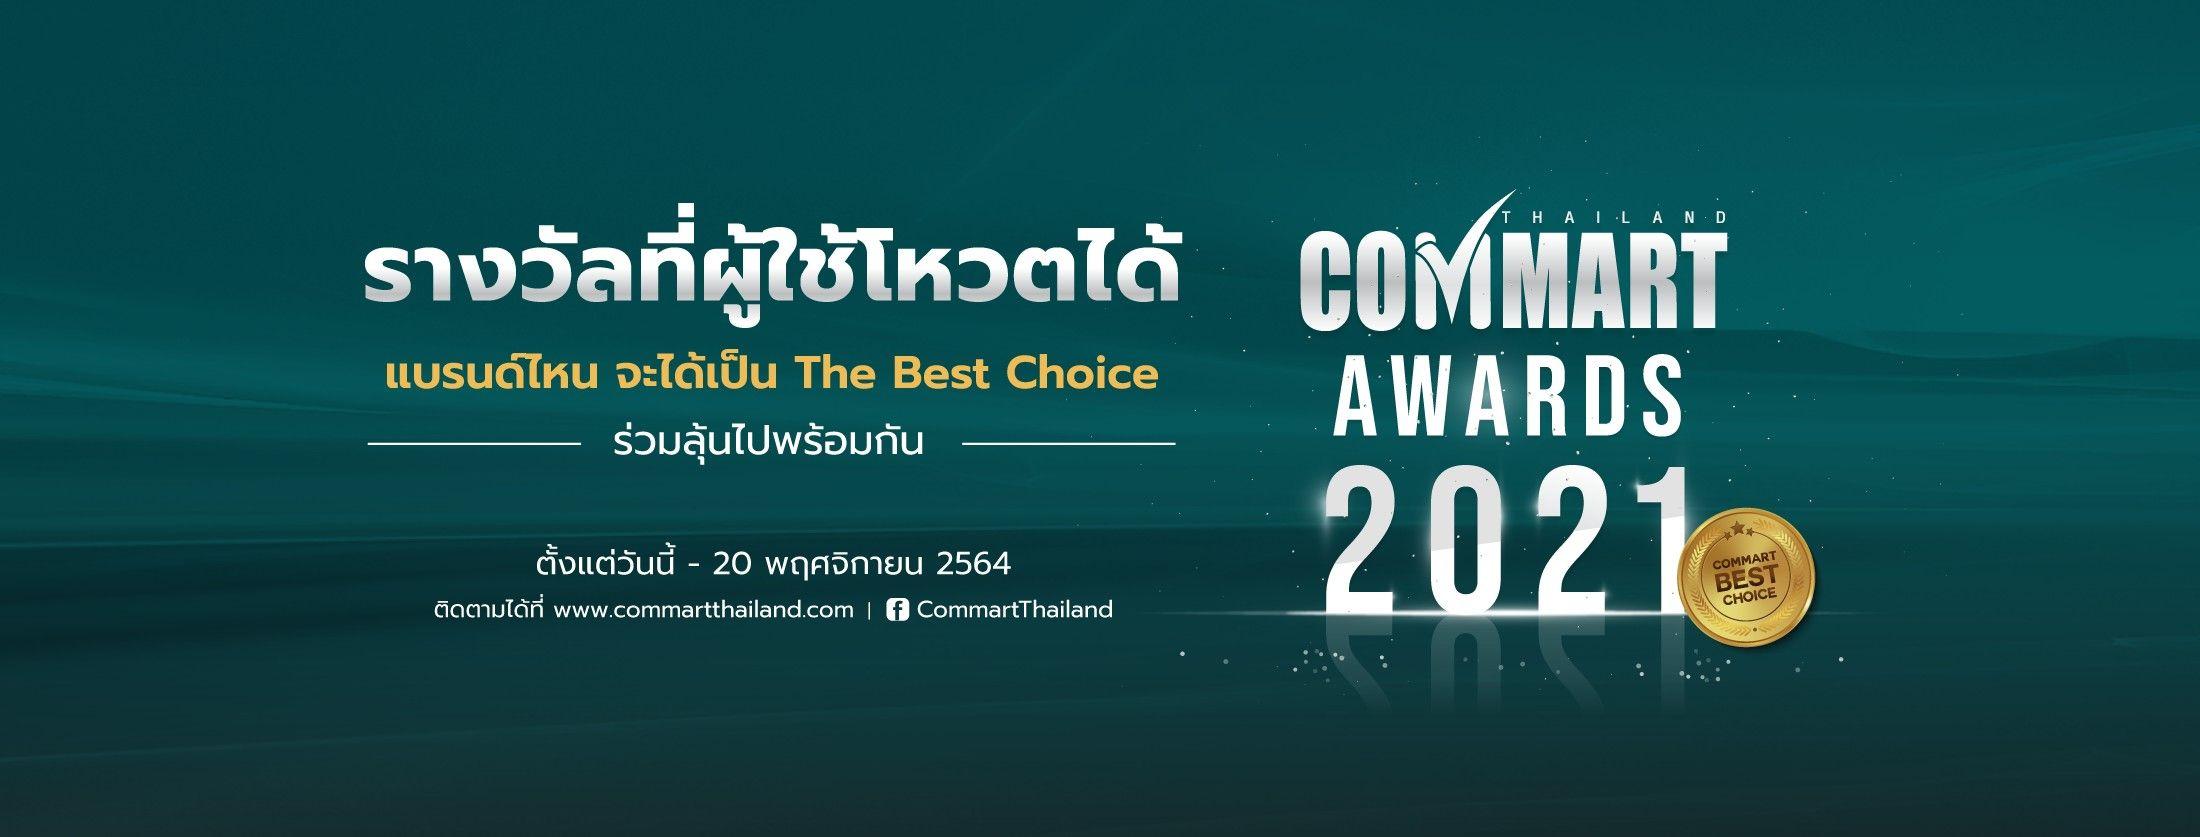 รางวัลที่ผู้ใช้มีส่วนร่วมลงคะแนนโหวต แบรนด์โปรดต้องได้เป็น The Best Choice ร่วมลุ้นไปด้วยกัน กับ Commart Awards 2021